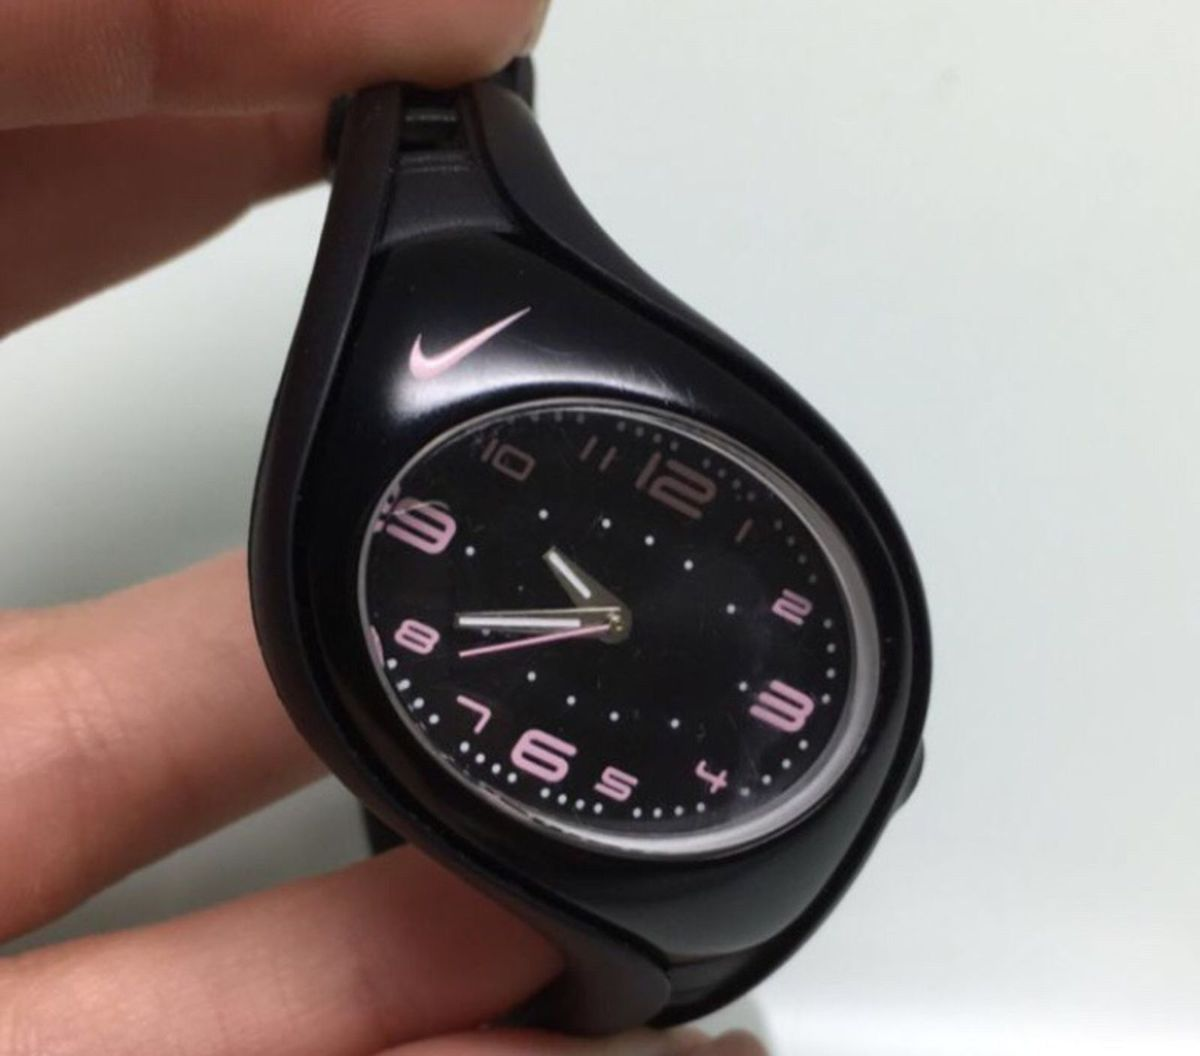 2a38a655a4d relógio nike original - relógios nike.  Czm6ly9wag90b3muzw5qb2vplmnvbs5ici9wcm9kdwn0cy8xmjqwnjuvmthkowuxowvkotflowy0mgewztmwnjhiy2mxngu1owyuanbn  ...